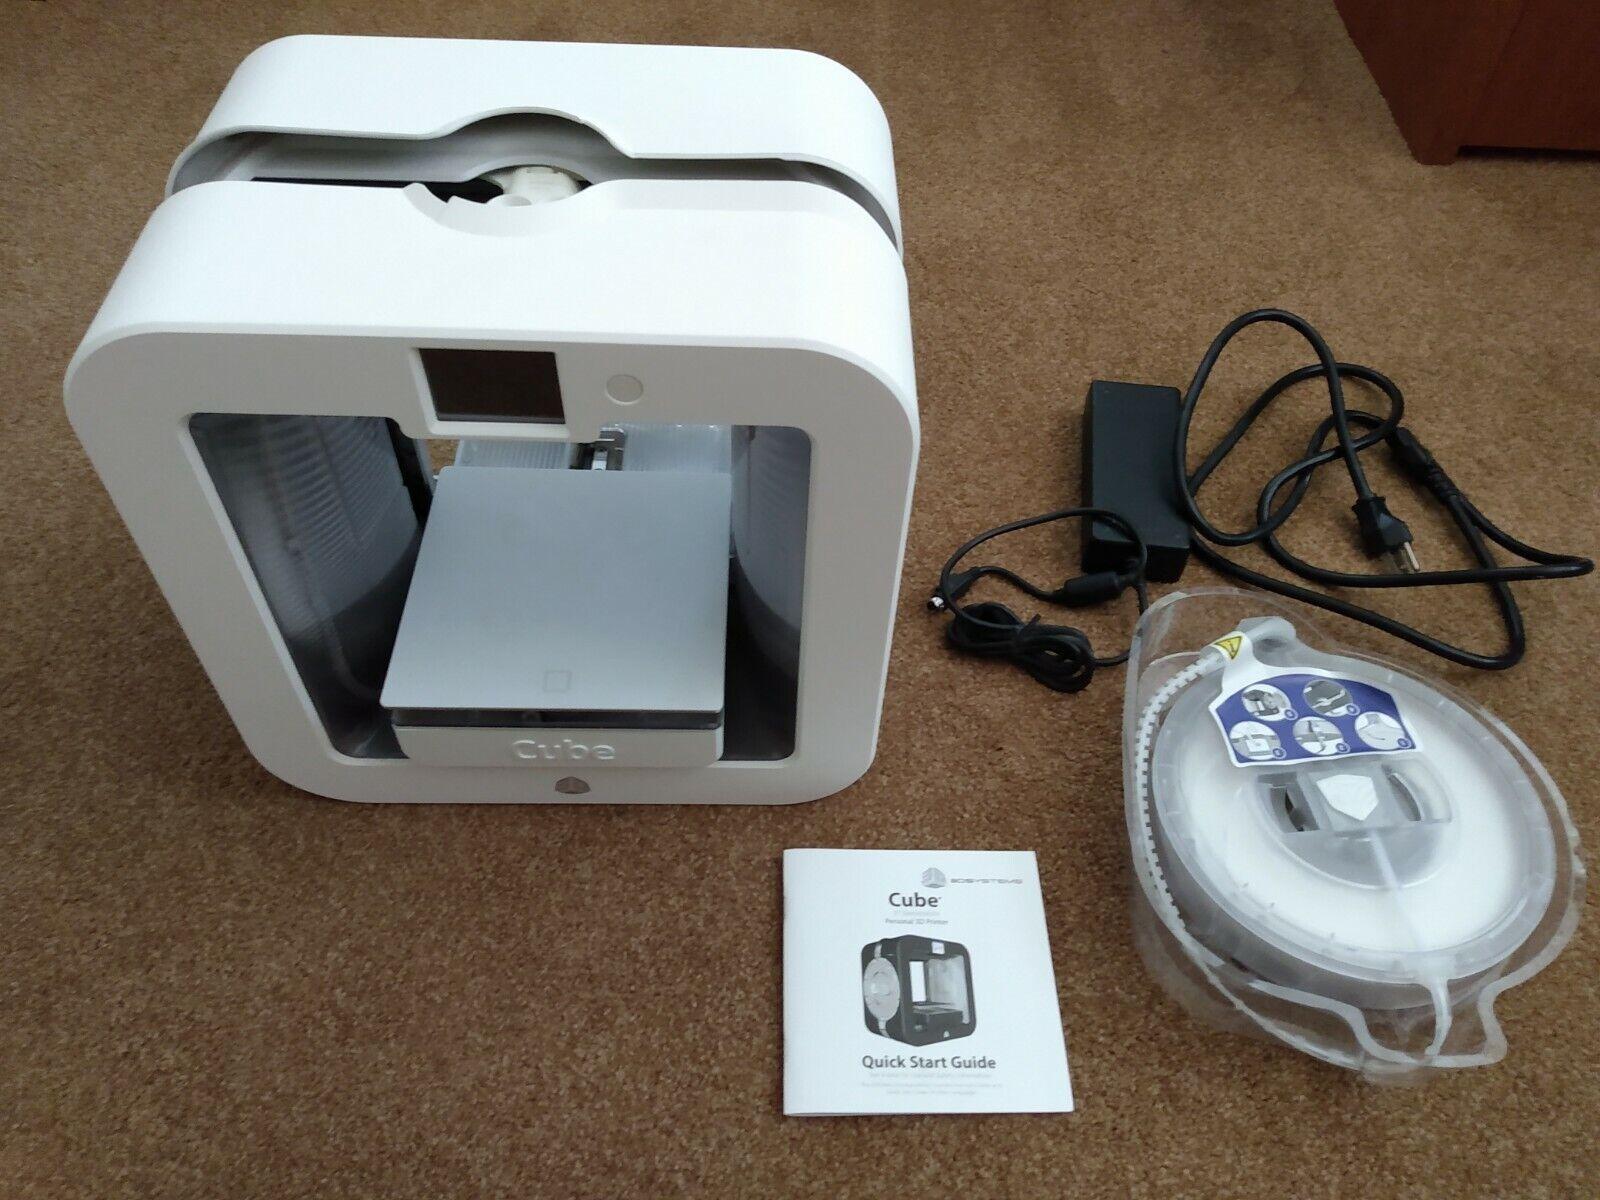 3D Systems Cube 3 3D printer, SEE DESCRIPTION